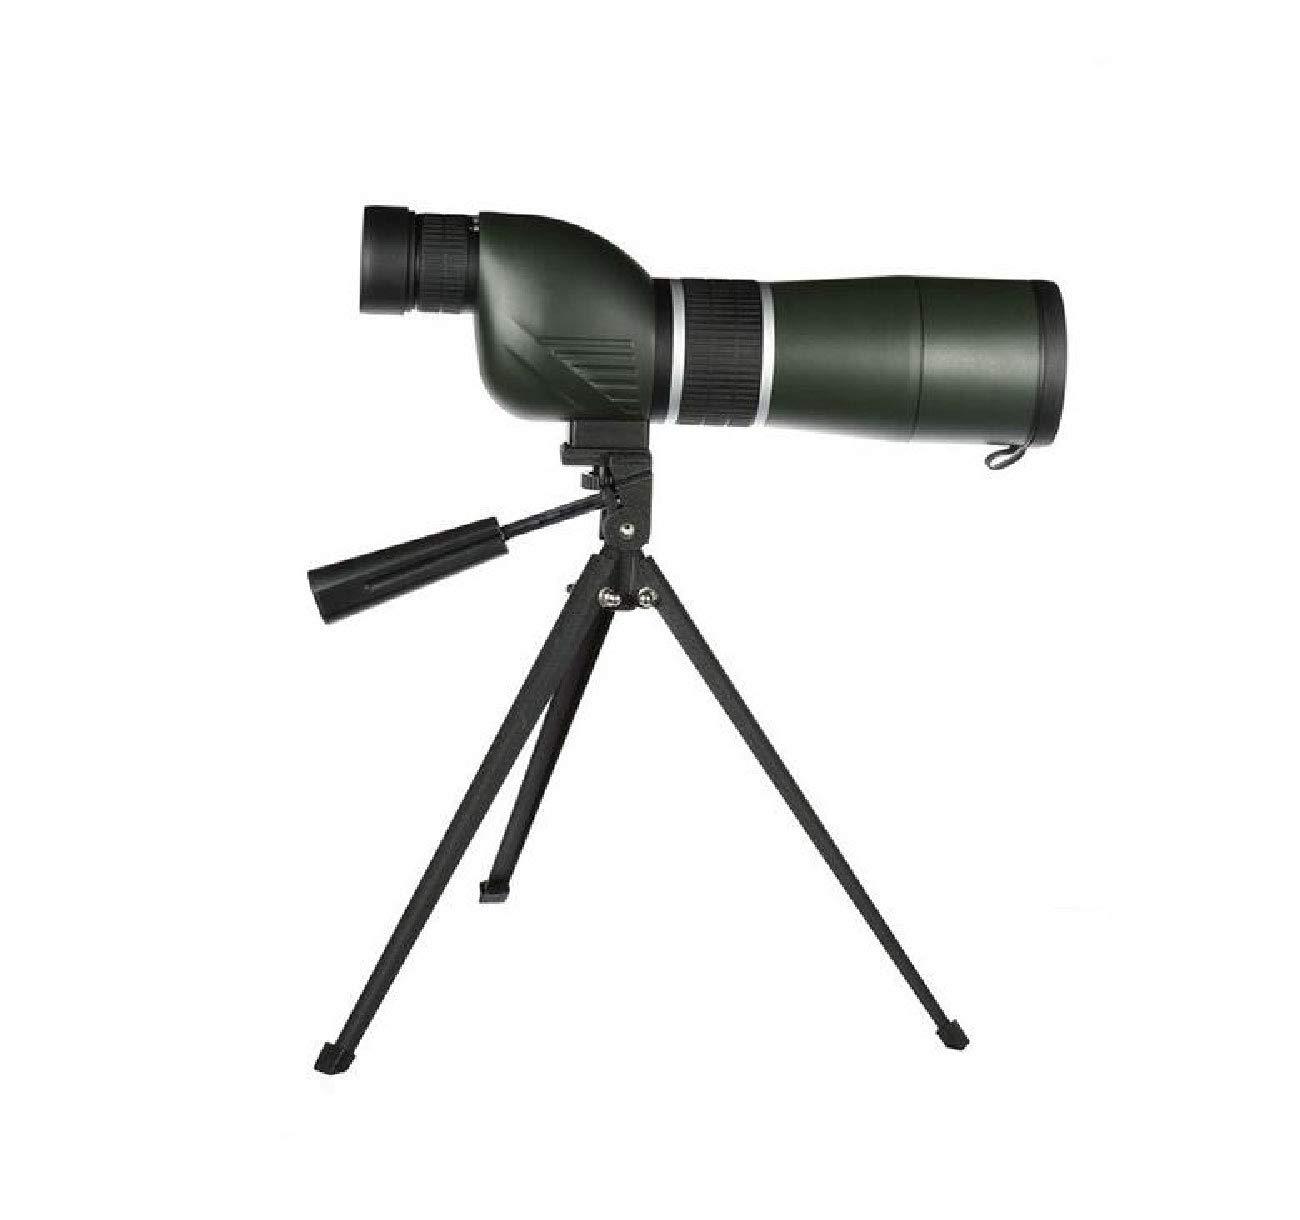 55%以上節約 15-45x60AEスポッティングスコープ高倍率の望遠鏡望遠鏡の成人した子供に対して直角にスコープをスポッティング B07HB19WG9 B07HB19WG9, 東海つり具:949401d0 --- a0267596.xsph.ru